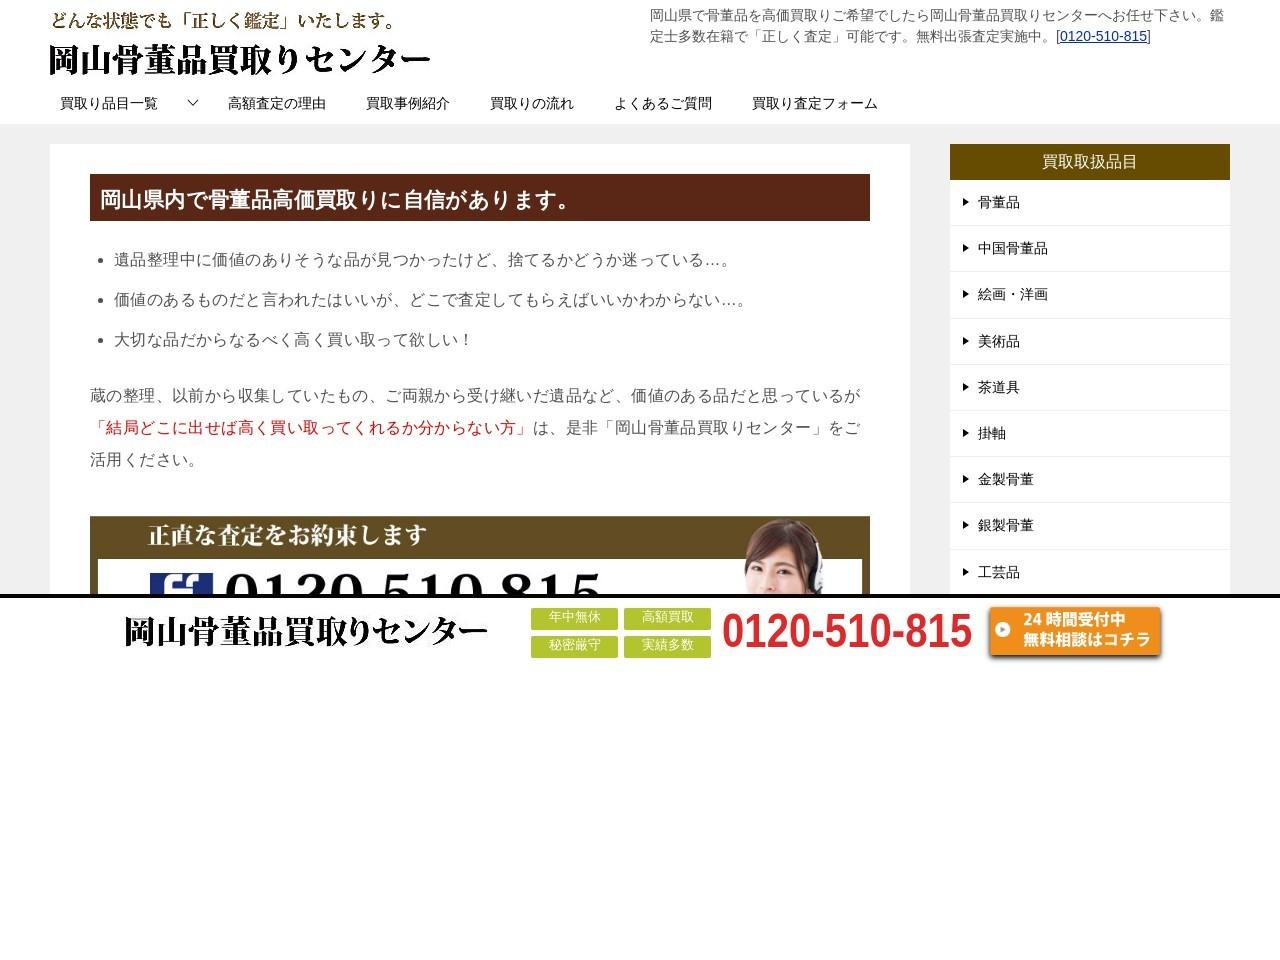 岡山県で骨董品高価買取りなら「岡山骨董買取りセンター」